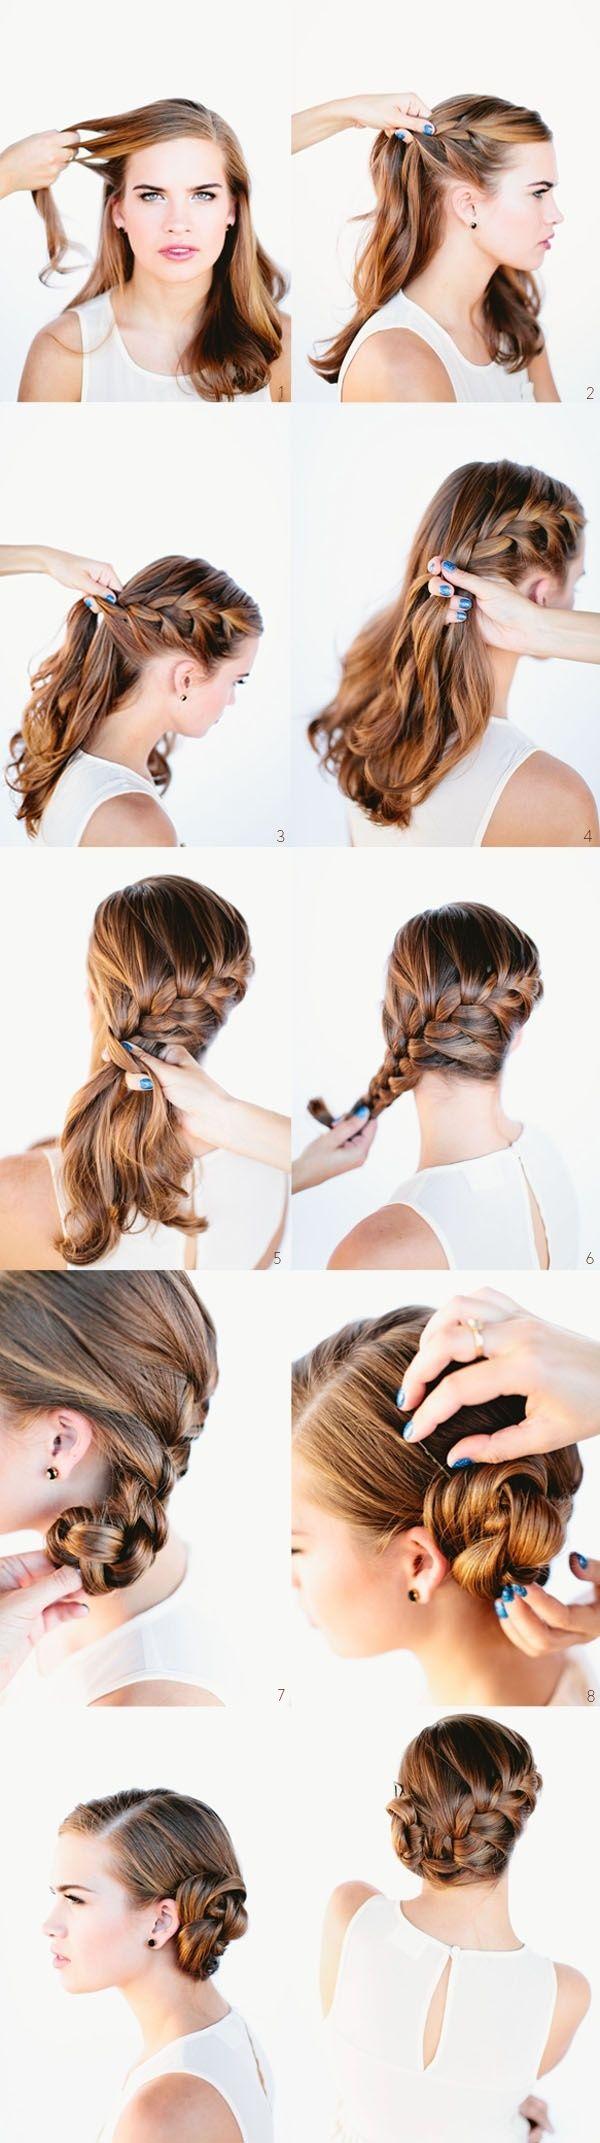 DIY penteado com trança embutida